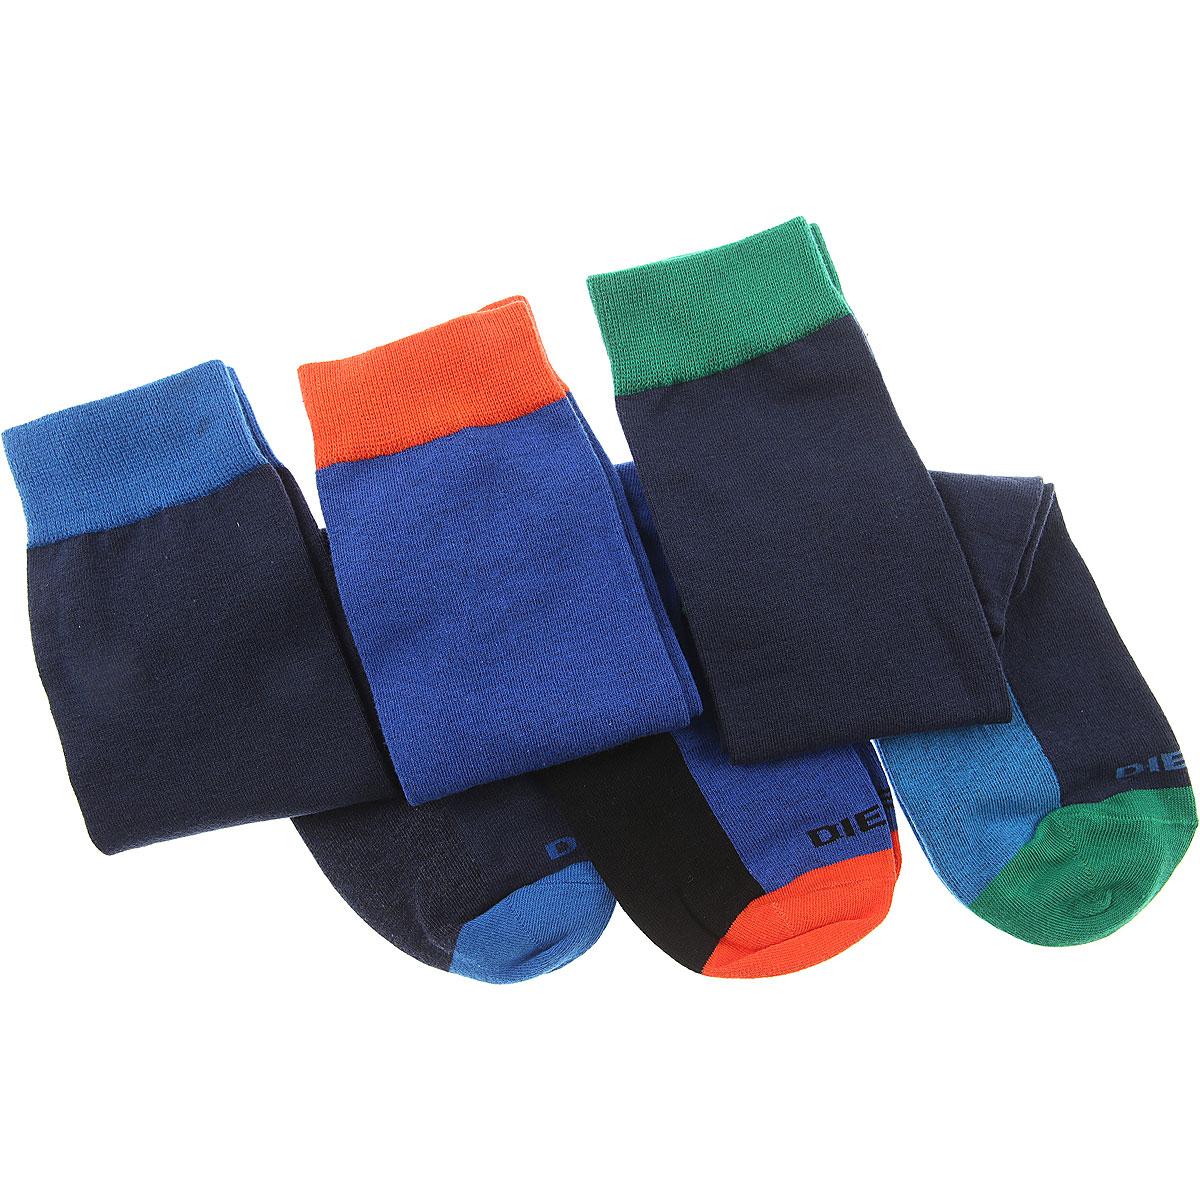 Image of Diesel Socks Socks for Men, 3 Pack, Blue, Cotton, 2017, M (39 - 42) L (43 - 46)